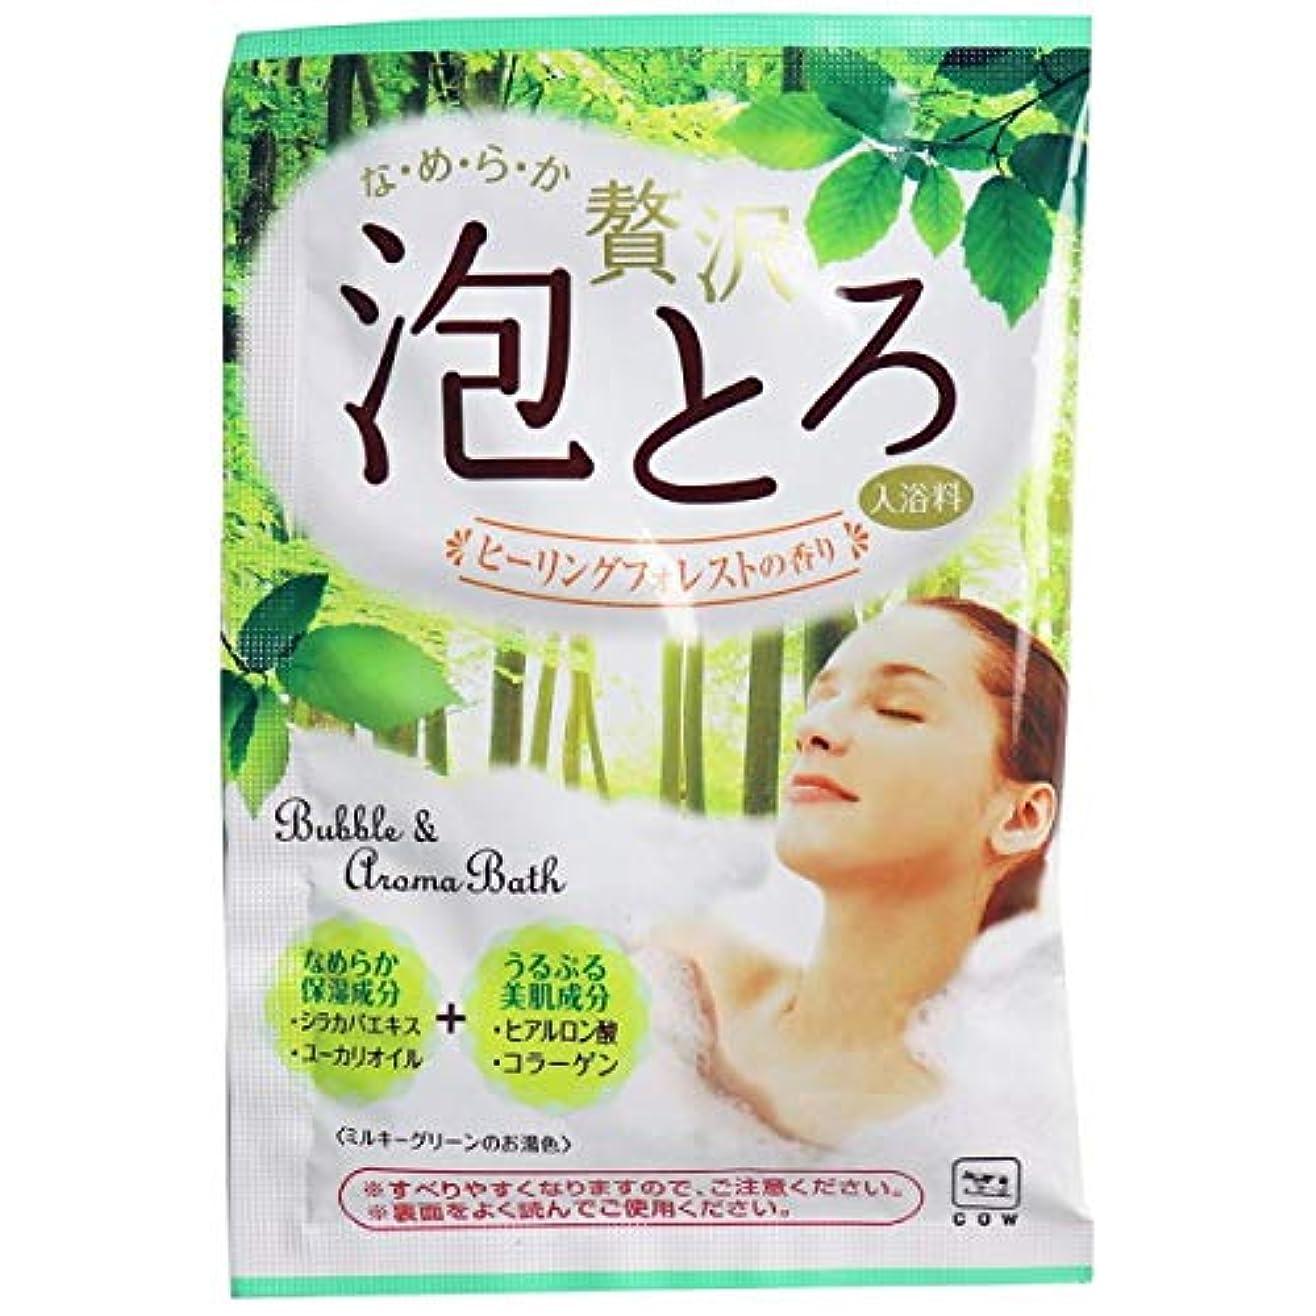 モデレータ干渉防水牛乳石鹸 お湯物語 贅沢泡とろ 入浴料 ヒーリングフォレスト30g 16個セット